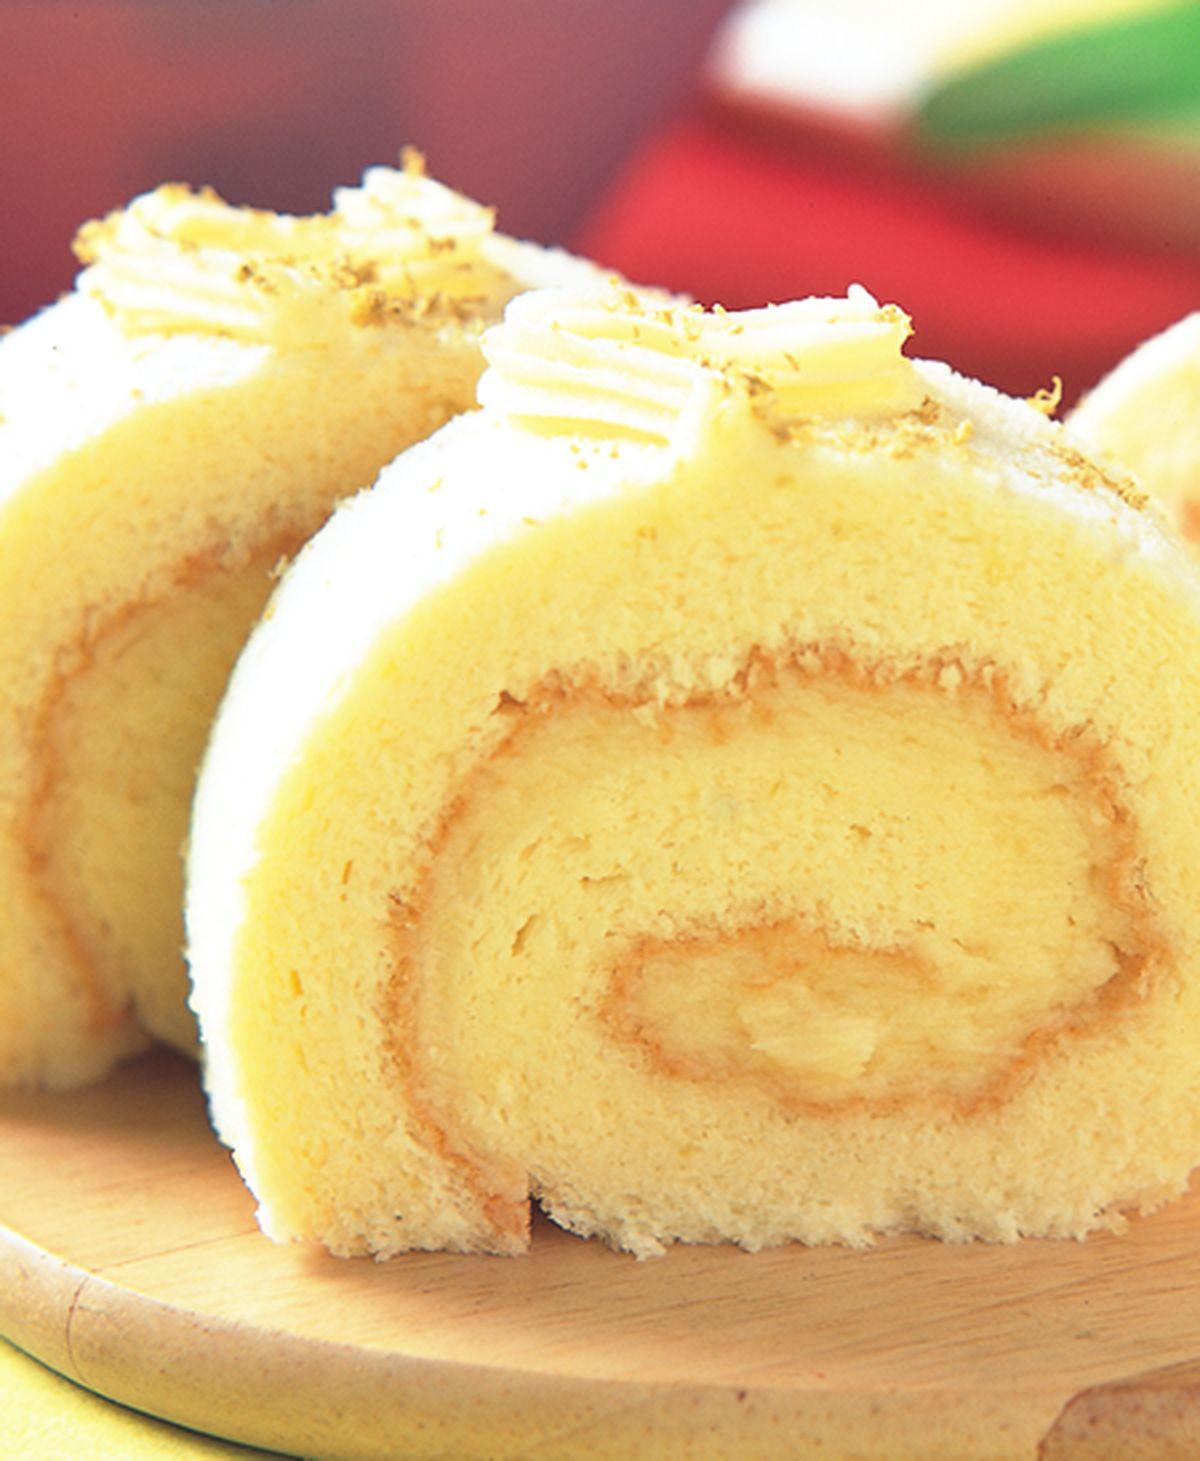 食譜:檸檬瑞士捲